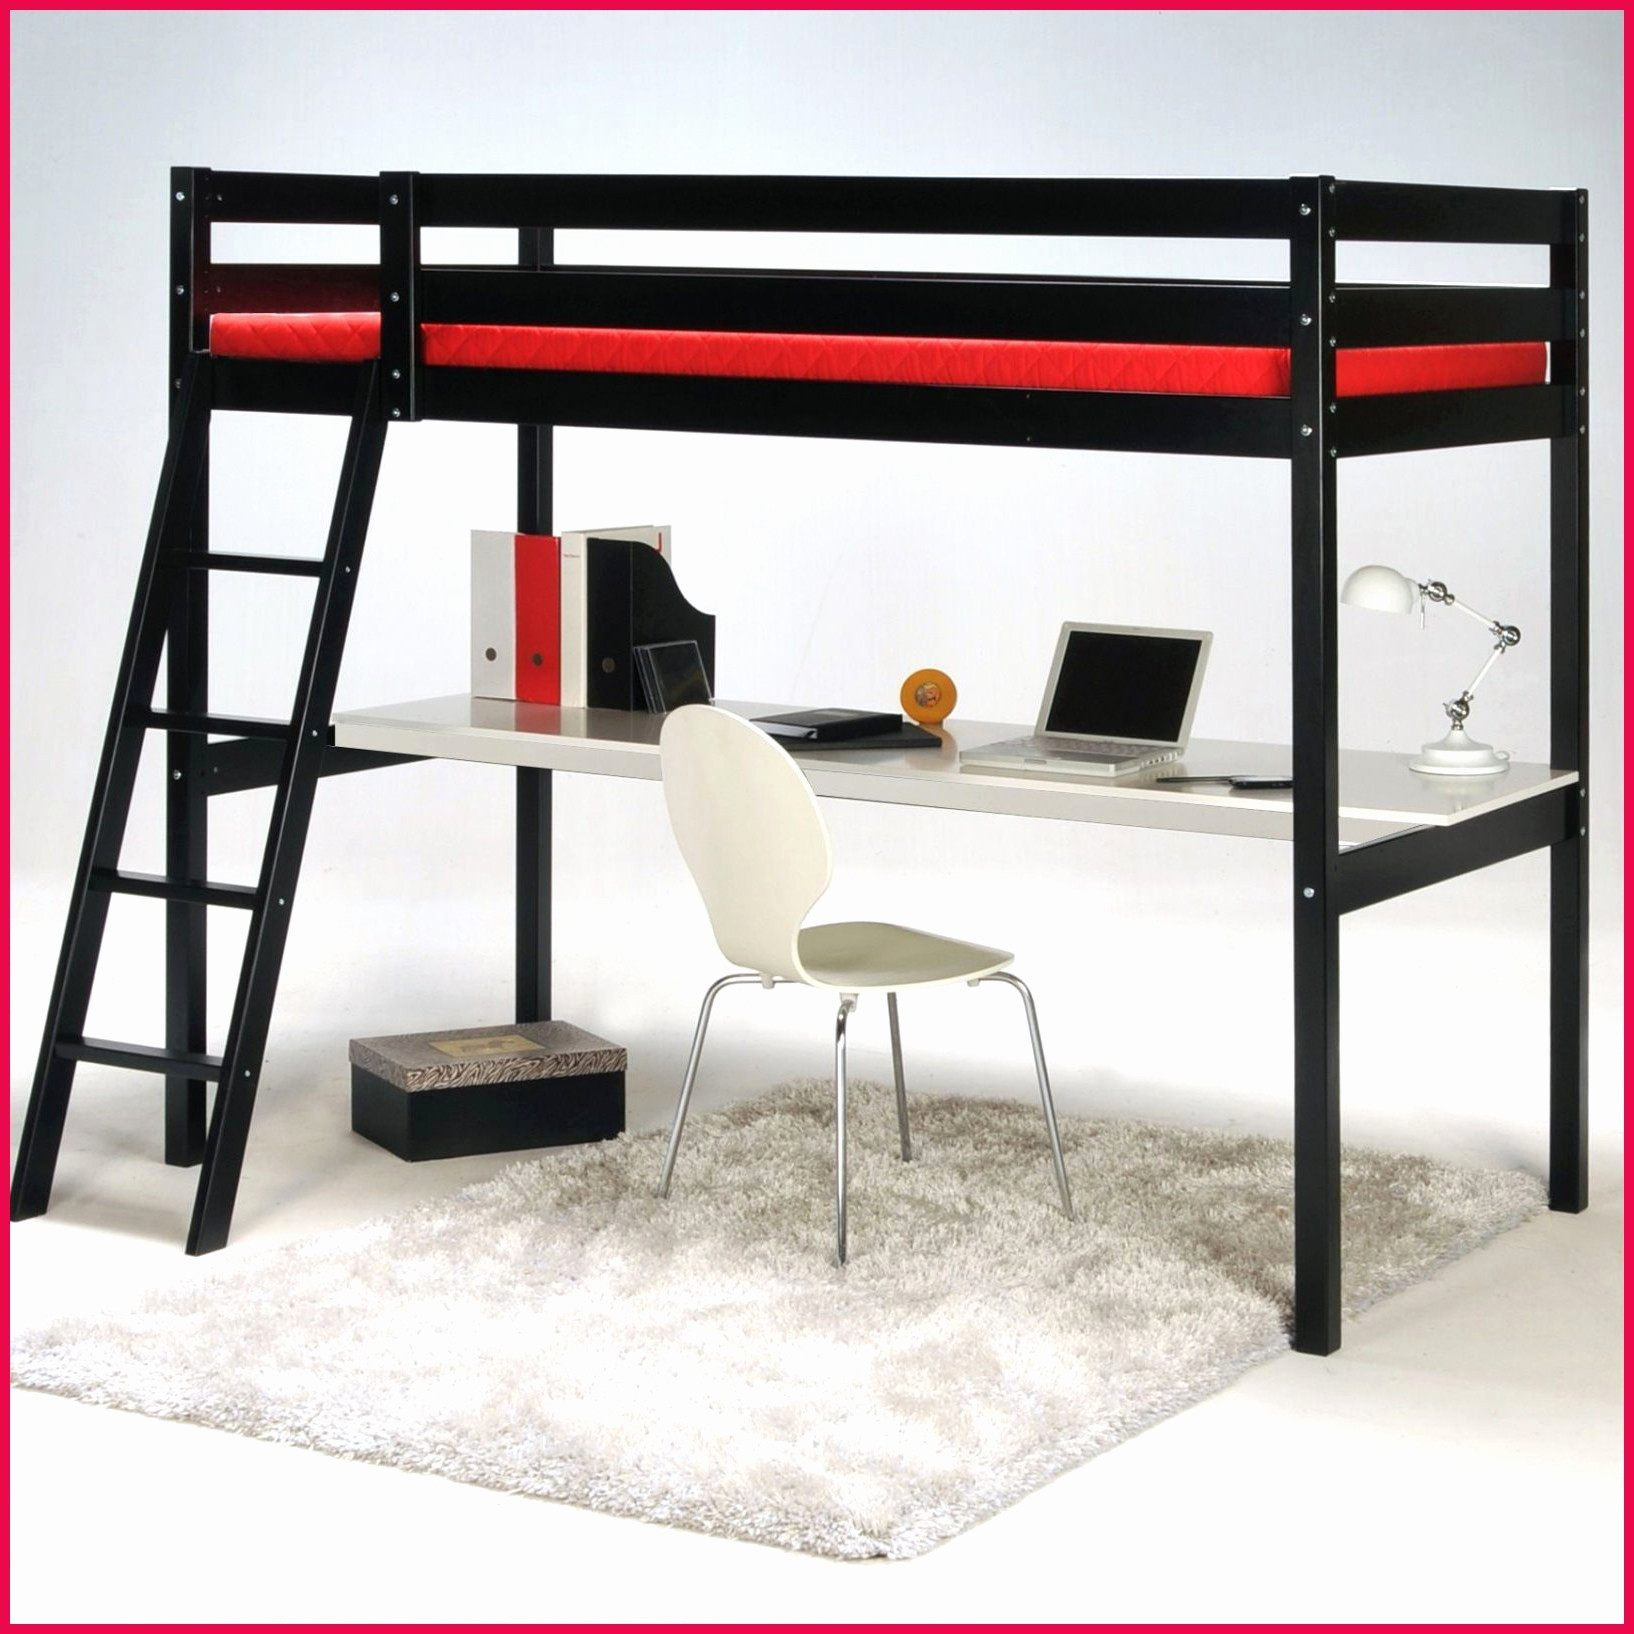 Lit Hauteur Enfant Beau Lit Mi Haut Enfant Lit Mezzanine Design Lit Mezzanine Design Unique